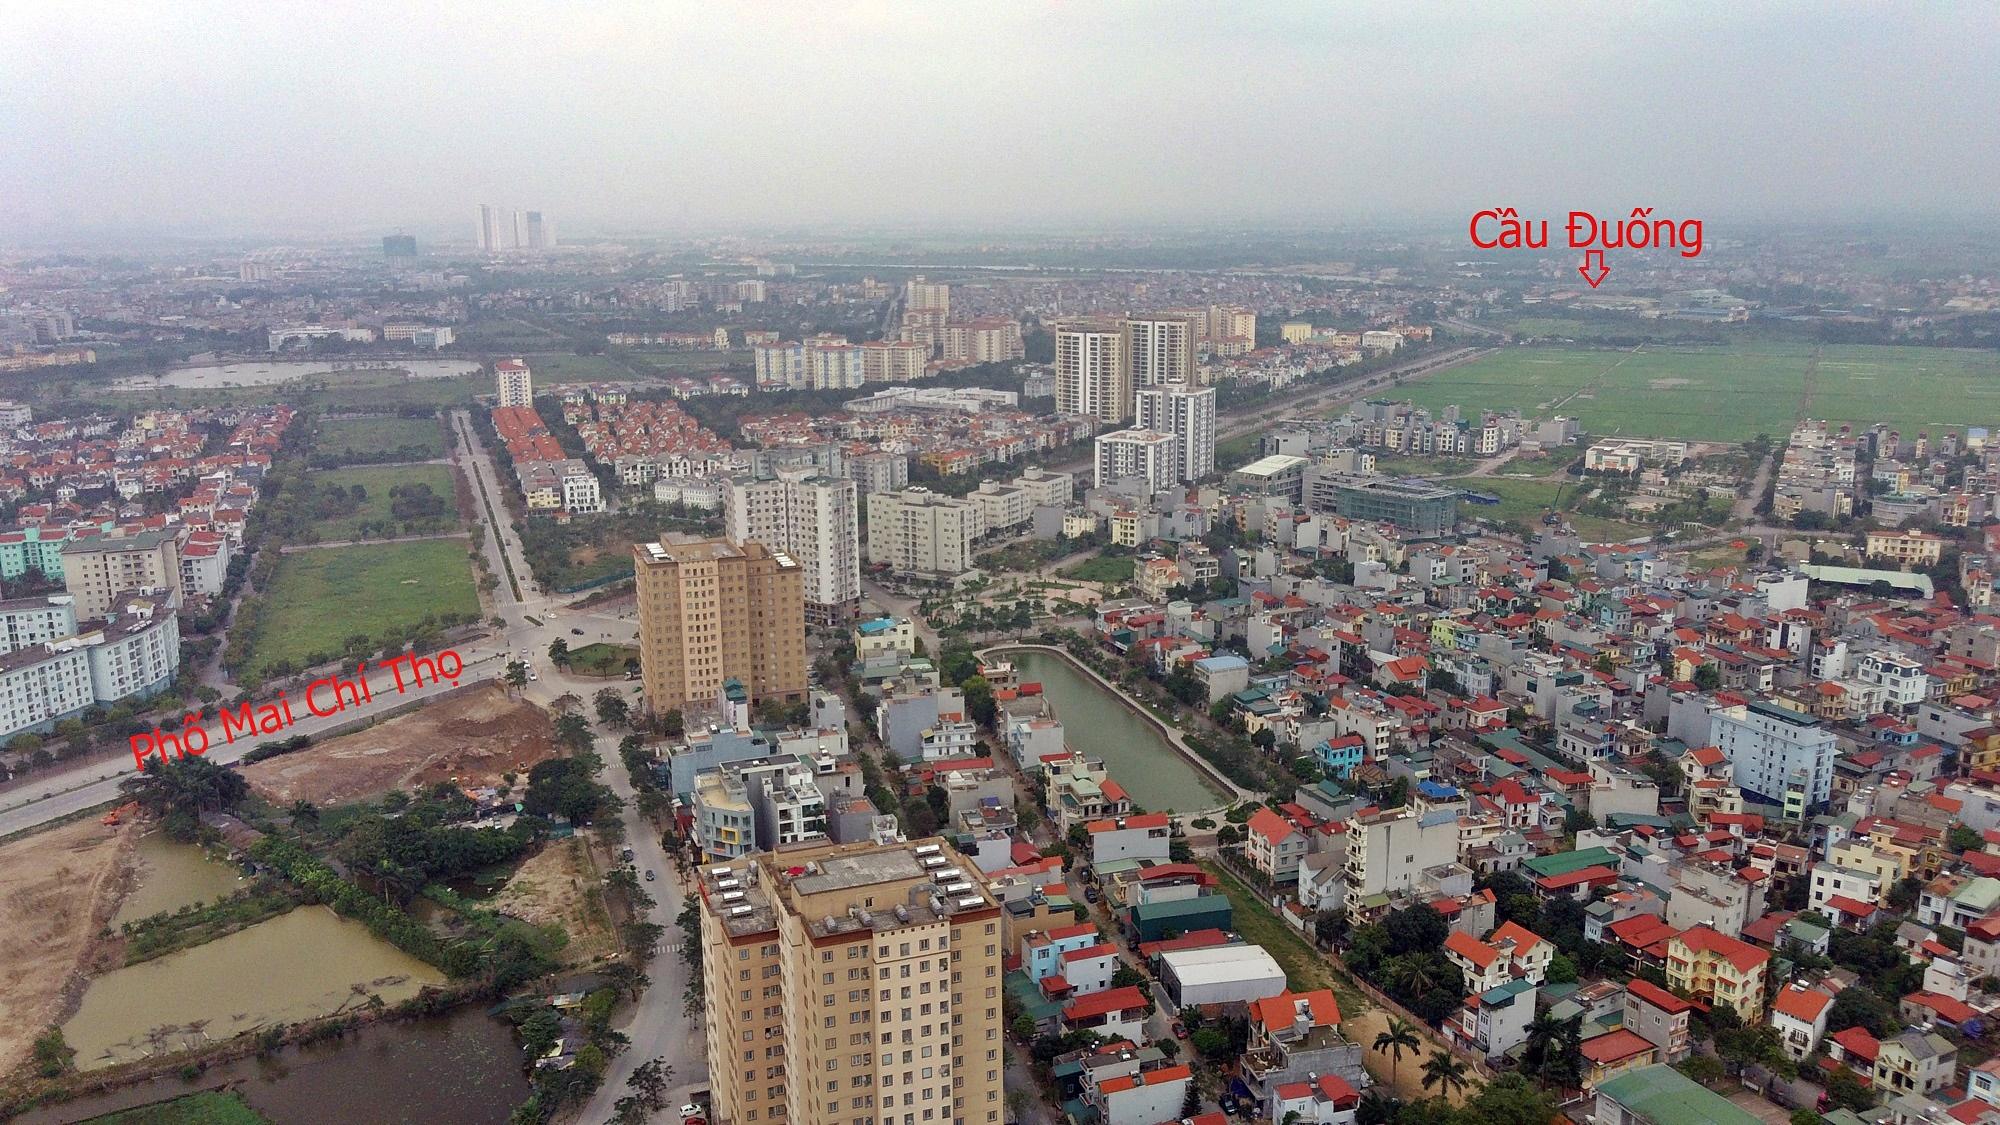 Cầu sẽ mở theo qui hoạch ở Hà Nội: Toành cảnh vị trí làm cầu Giang Biên - Ảnh 15.